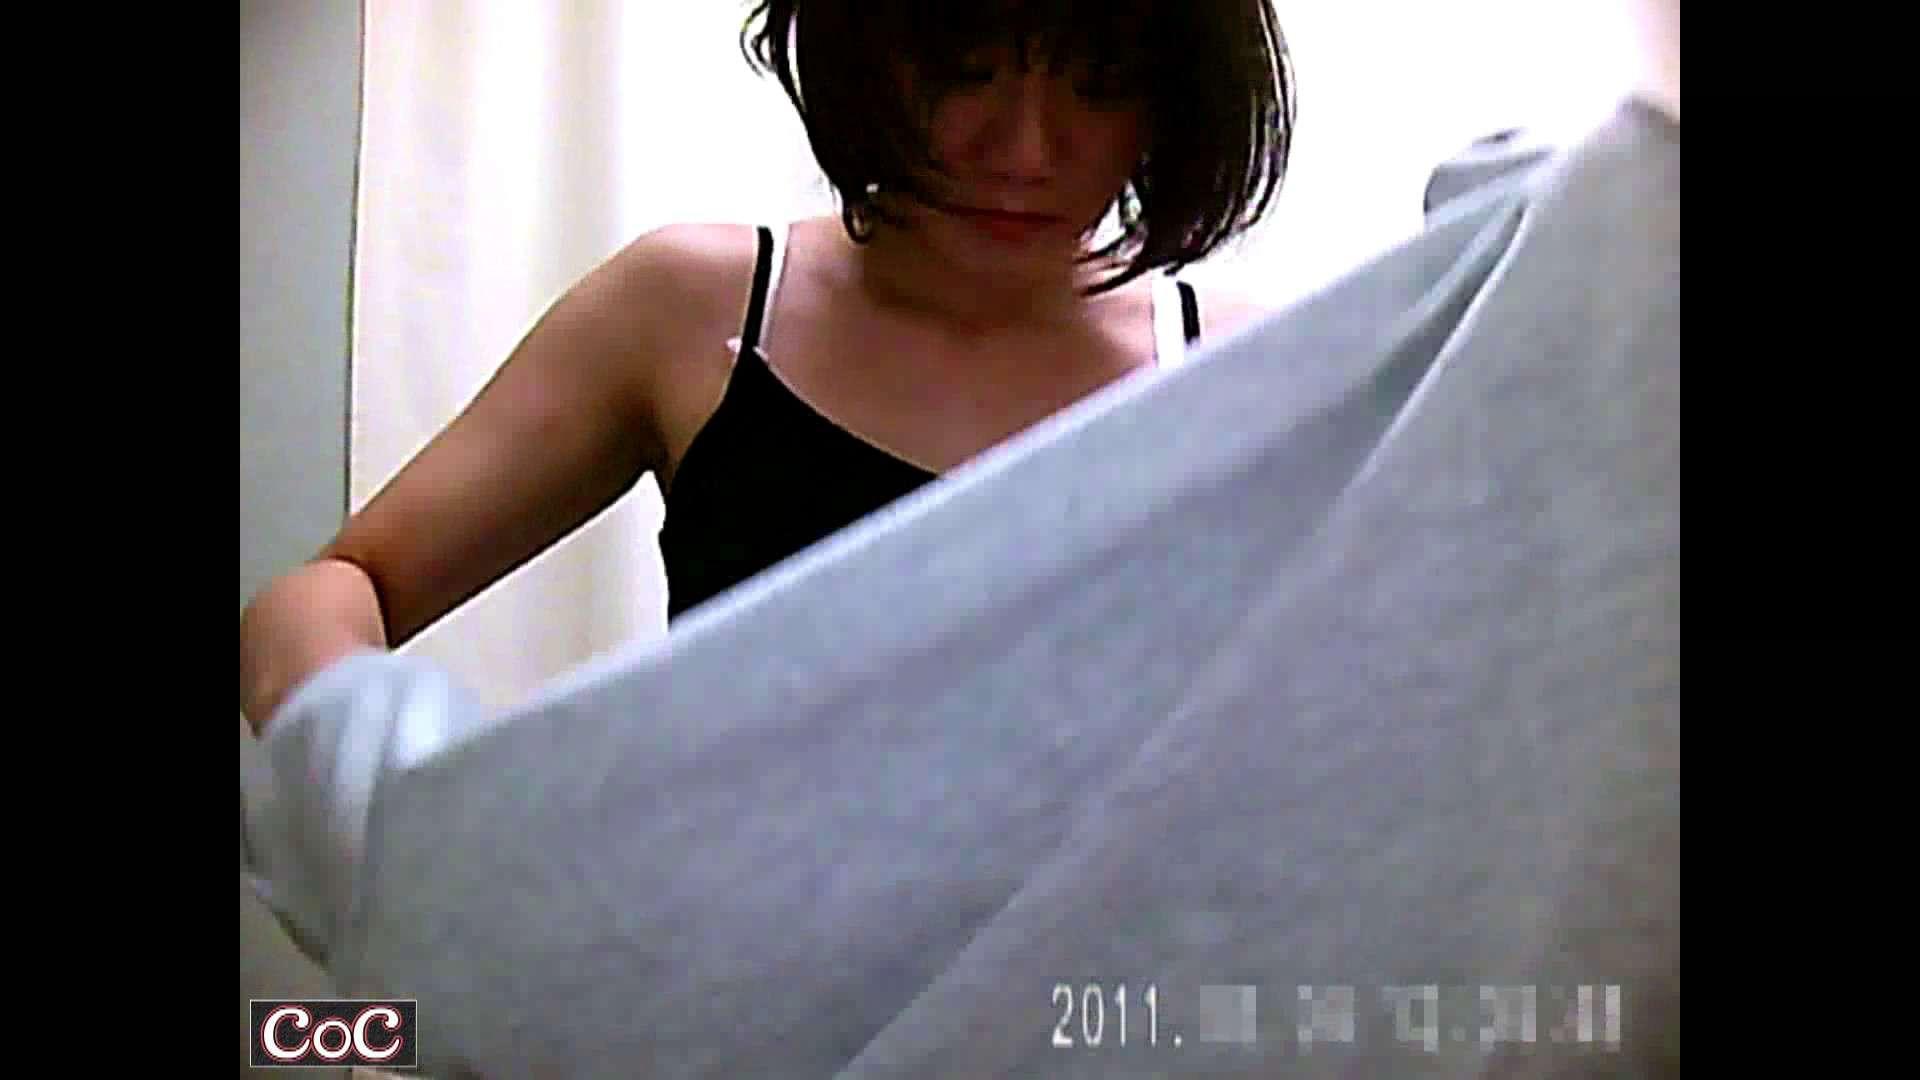 病院おもいっきり着替え! vol.10 巨乳 隠し撮りオマンコ動画紹介 102PIX 82